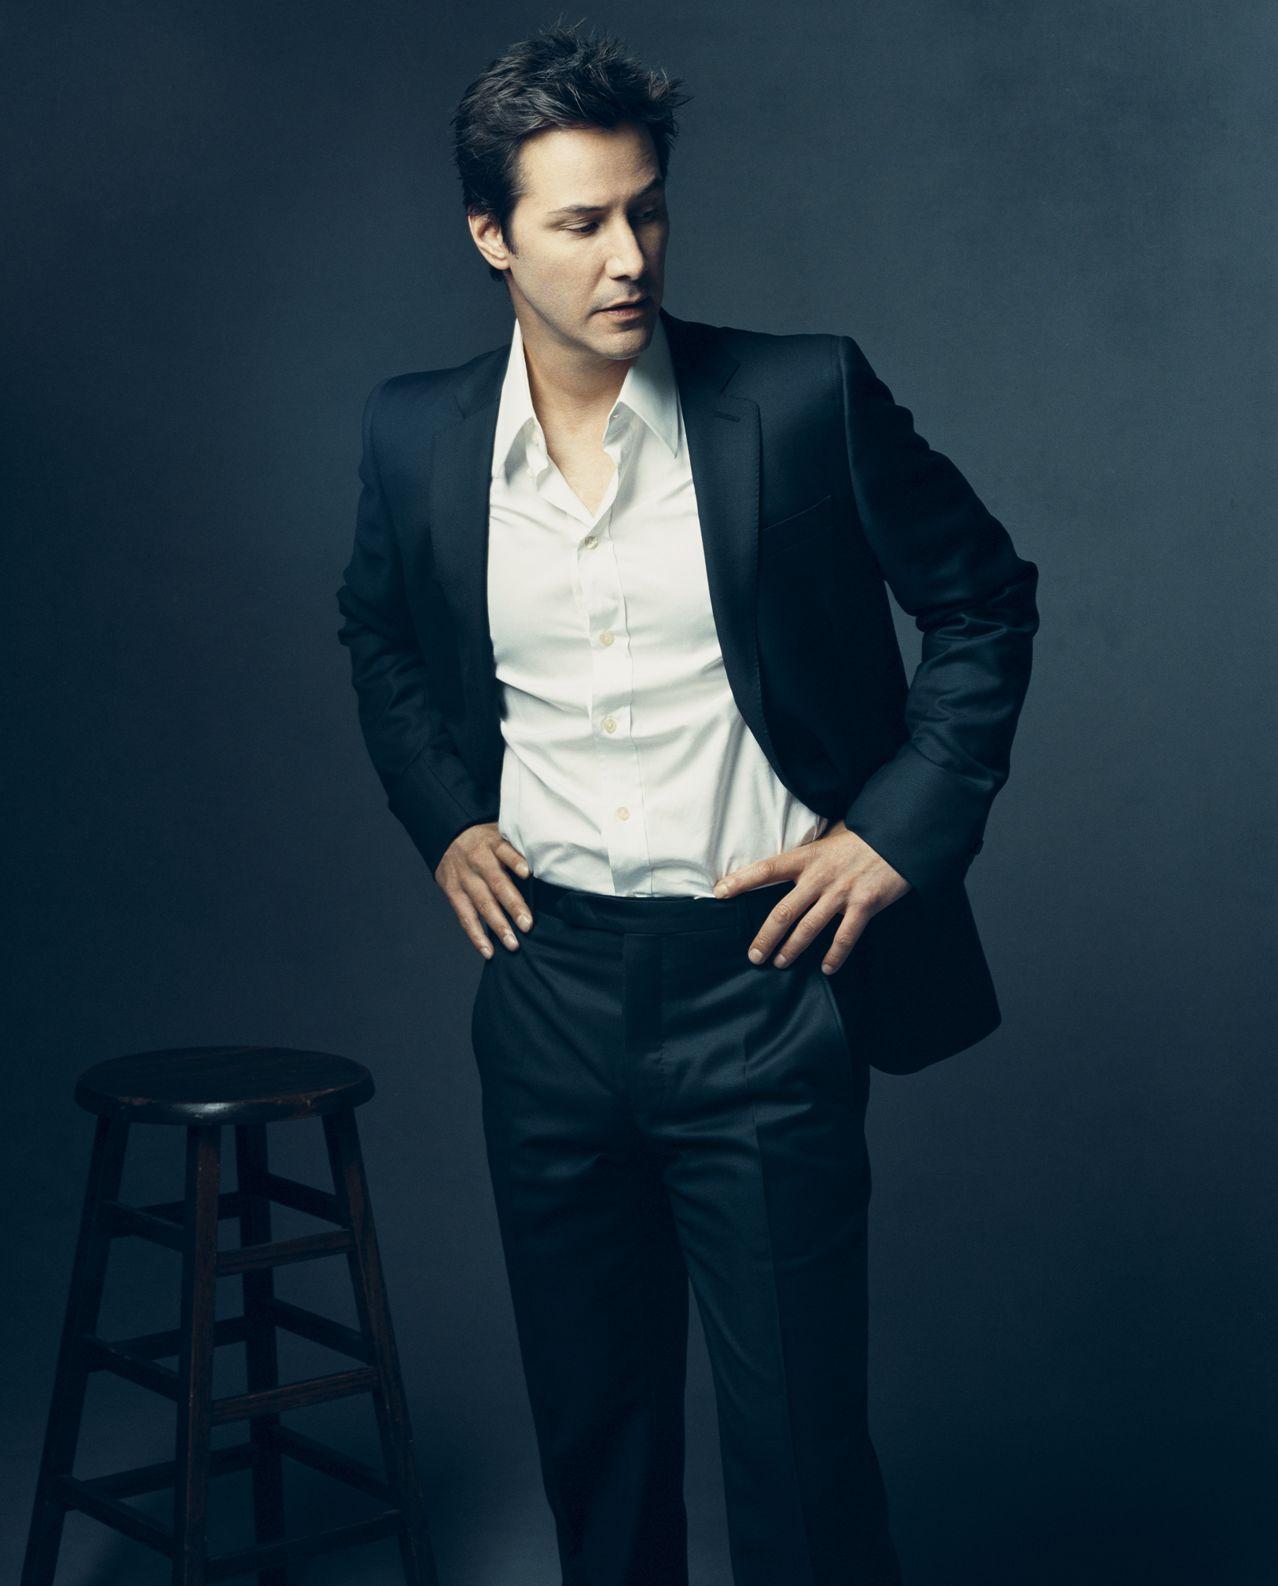 Keanu Reeves photo gal...